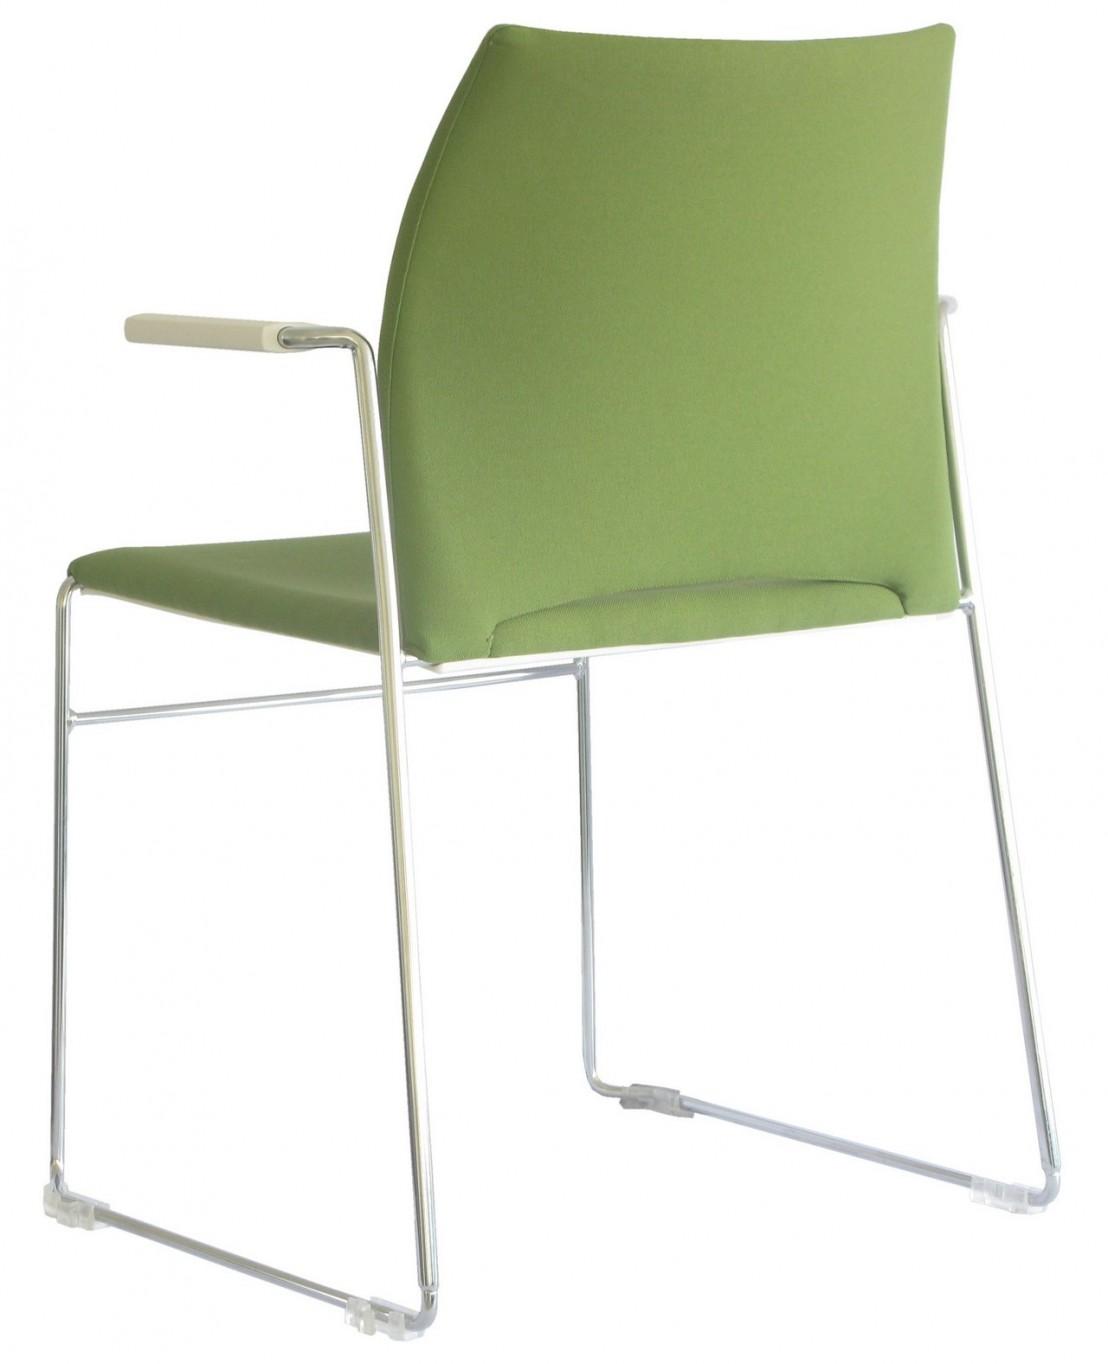 meeting 305 chaises de bureau avec accoudoirs tapiss es lot de 6 seanroyale. Black Bedroom Furniture Sets. Home Design Ideas